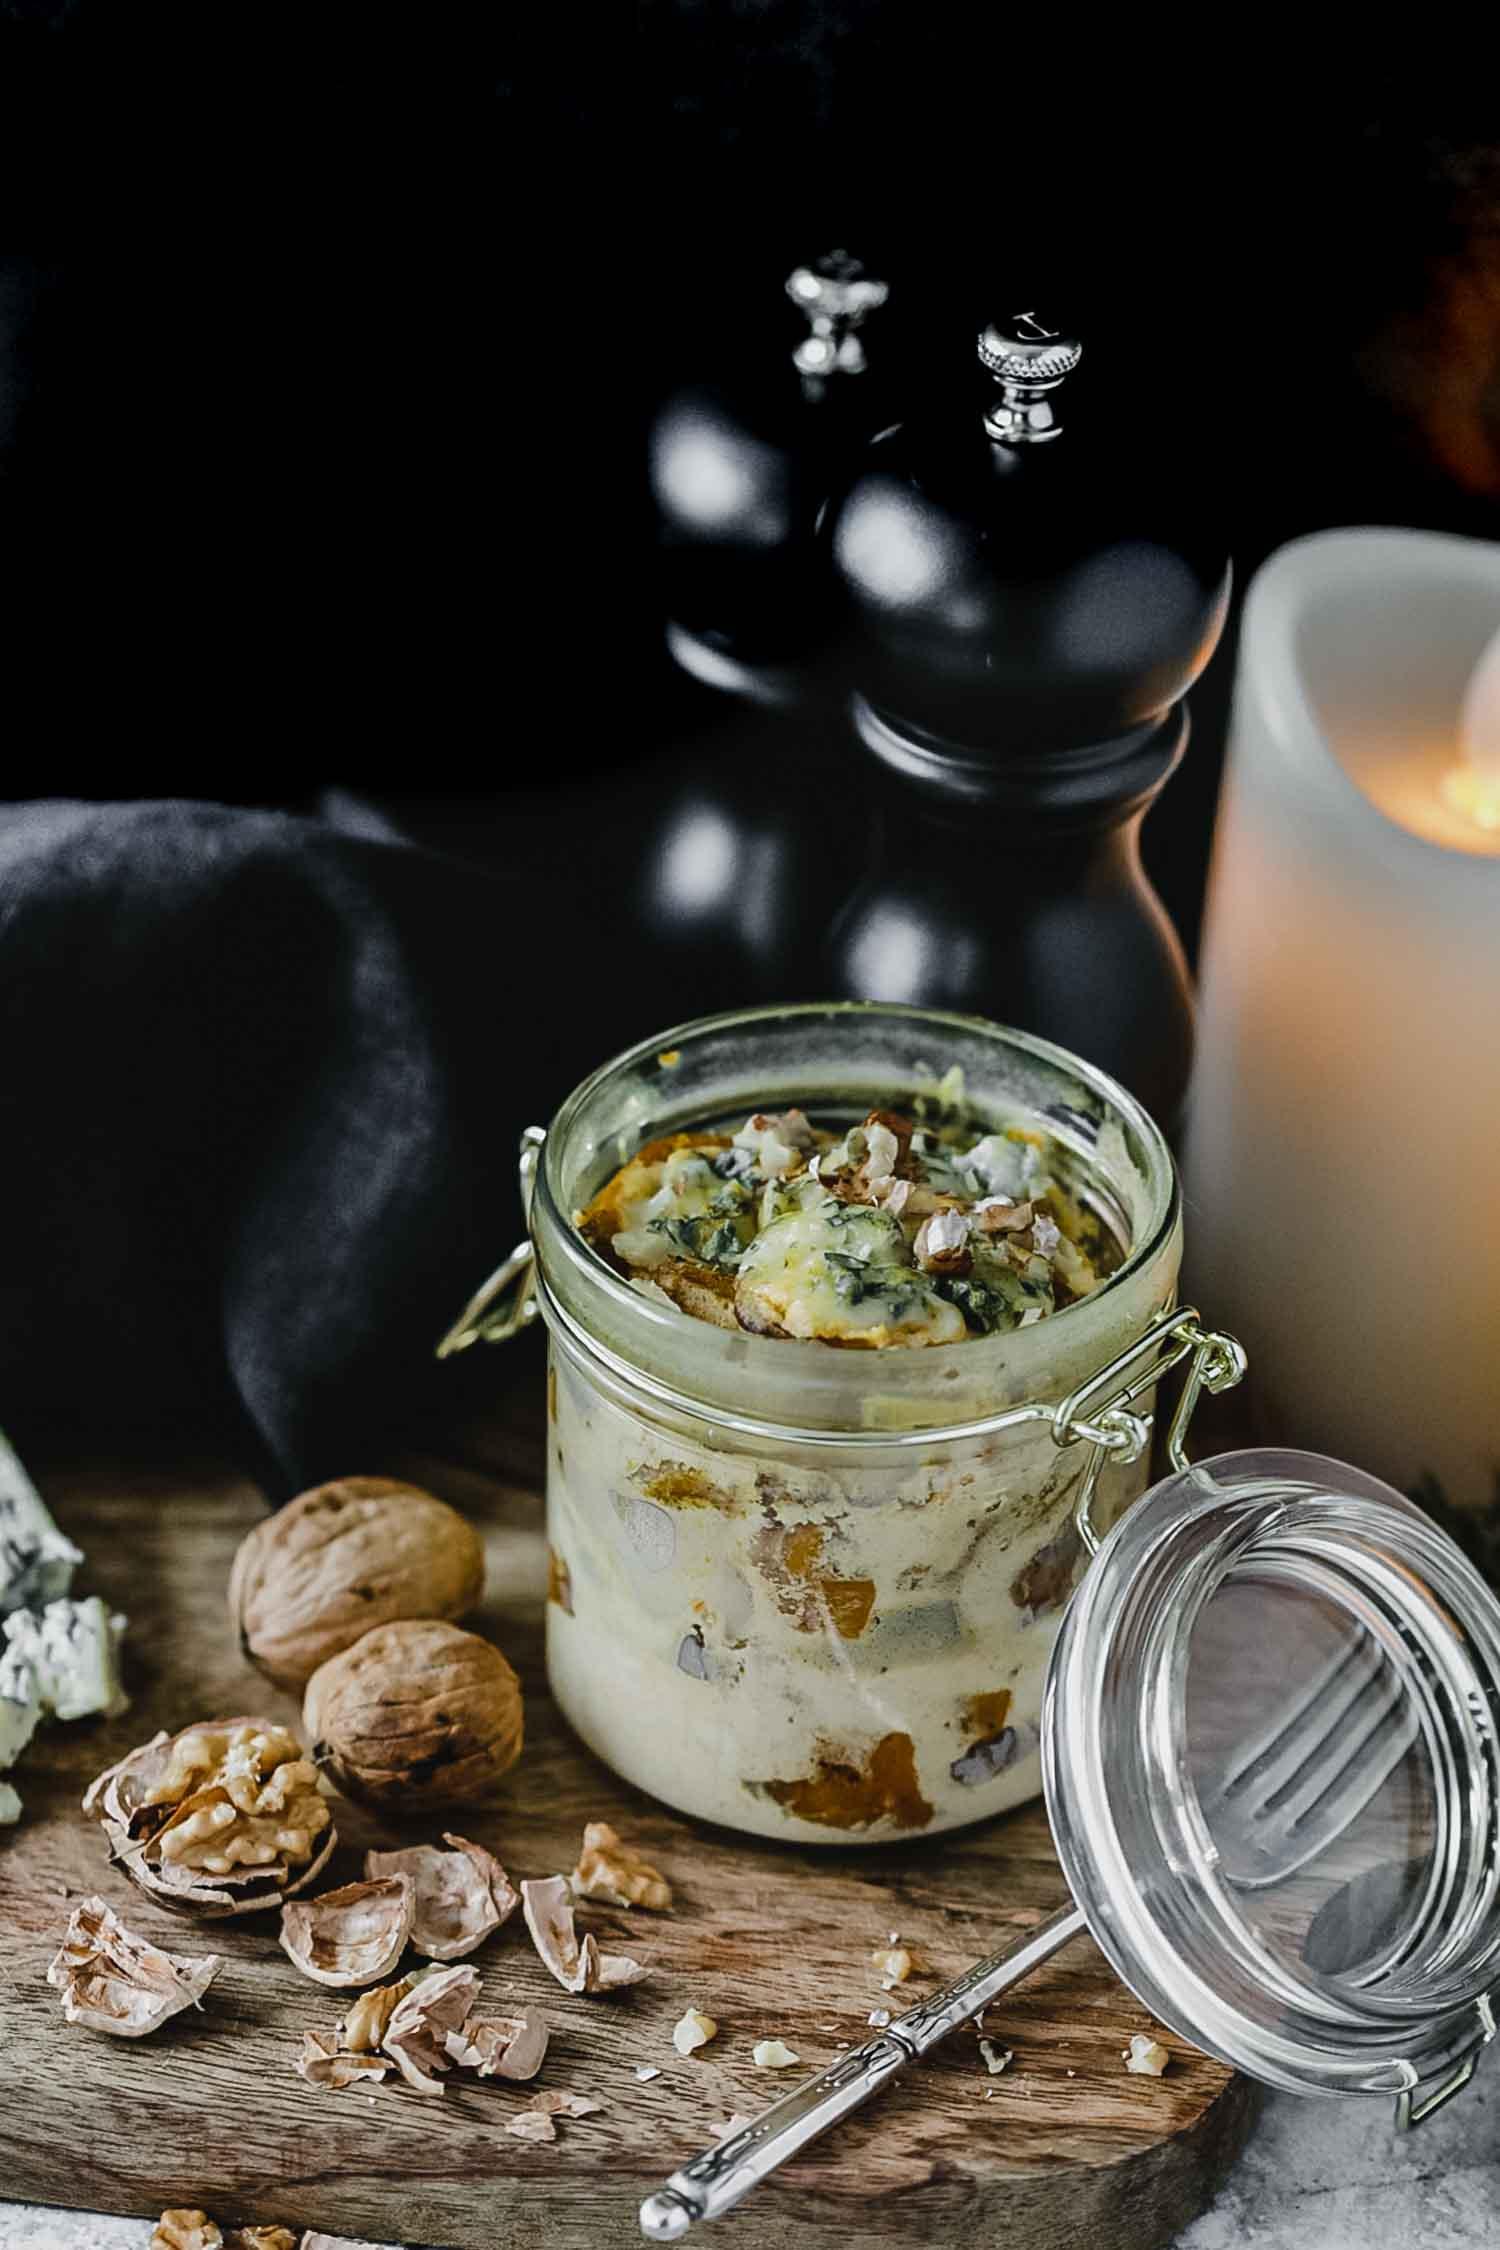 Recette végétarienne gratin de butternut, fourme d'Ambert et noix